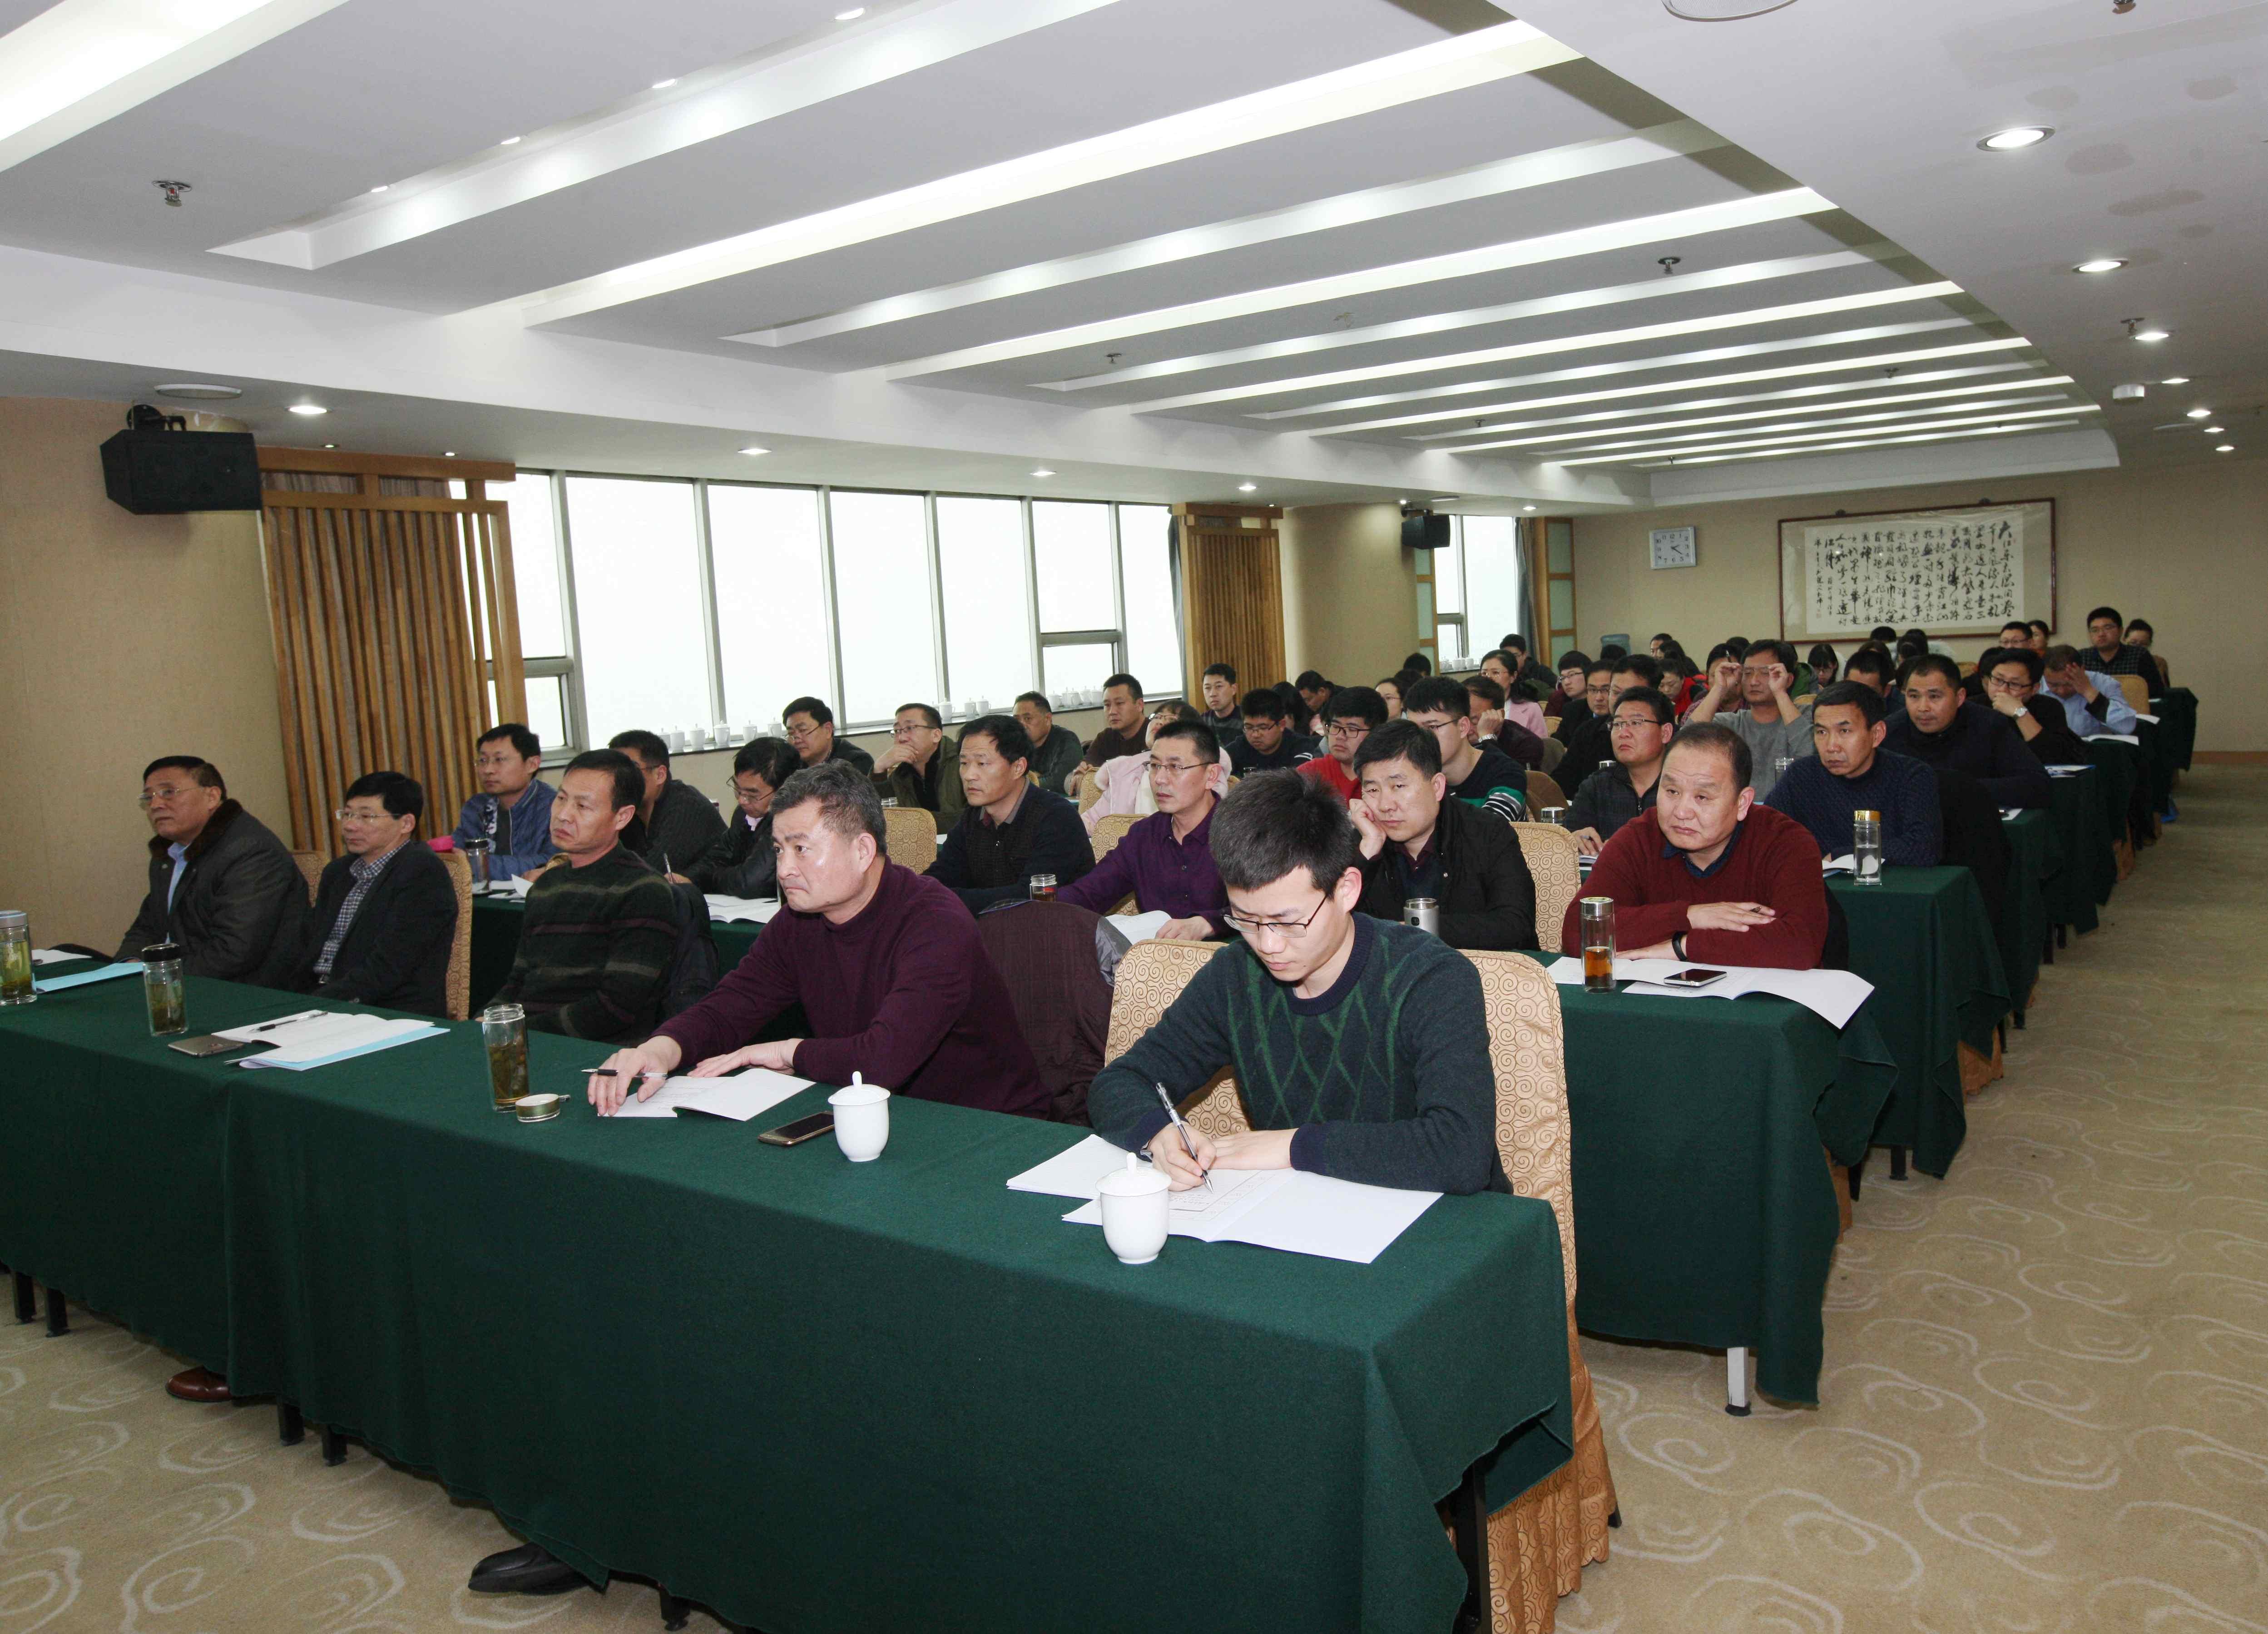 蒙阴县国税局2017年春季业务培训班